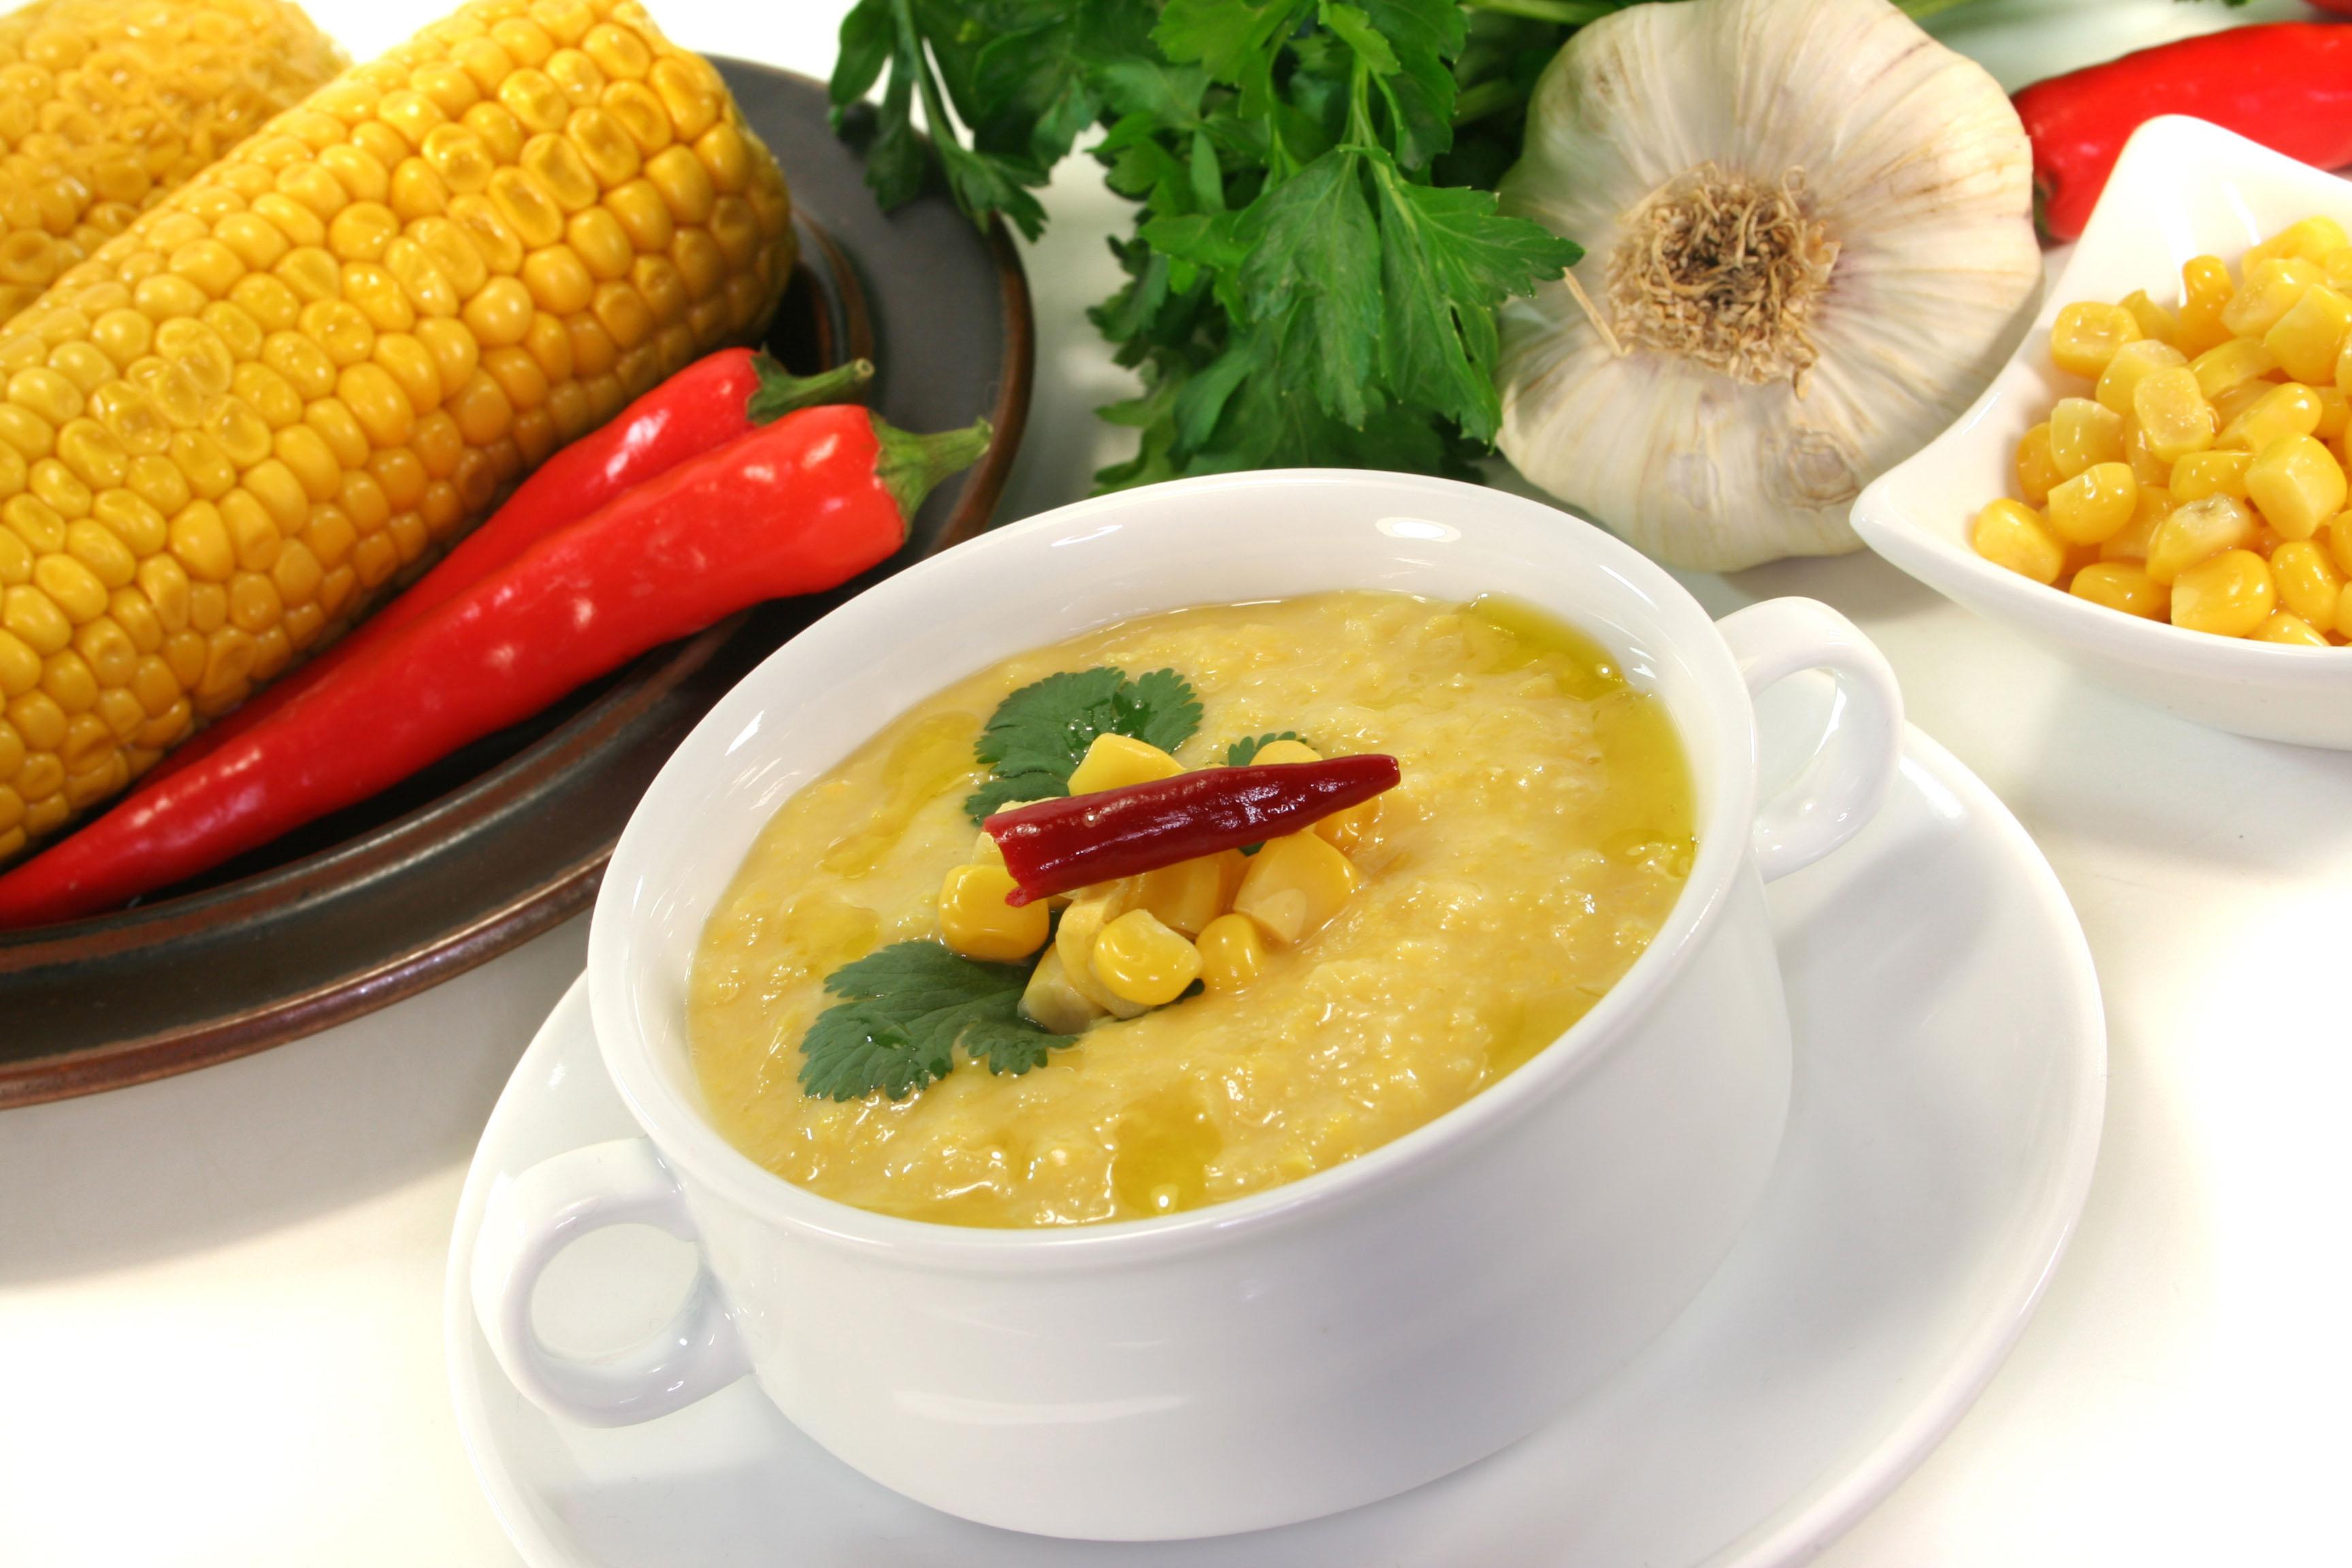 Sopa Cremosa de Milho promete agradar. Bom para o jantar! / GB Imagem